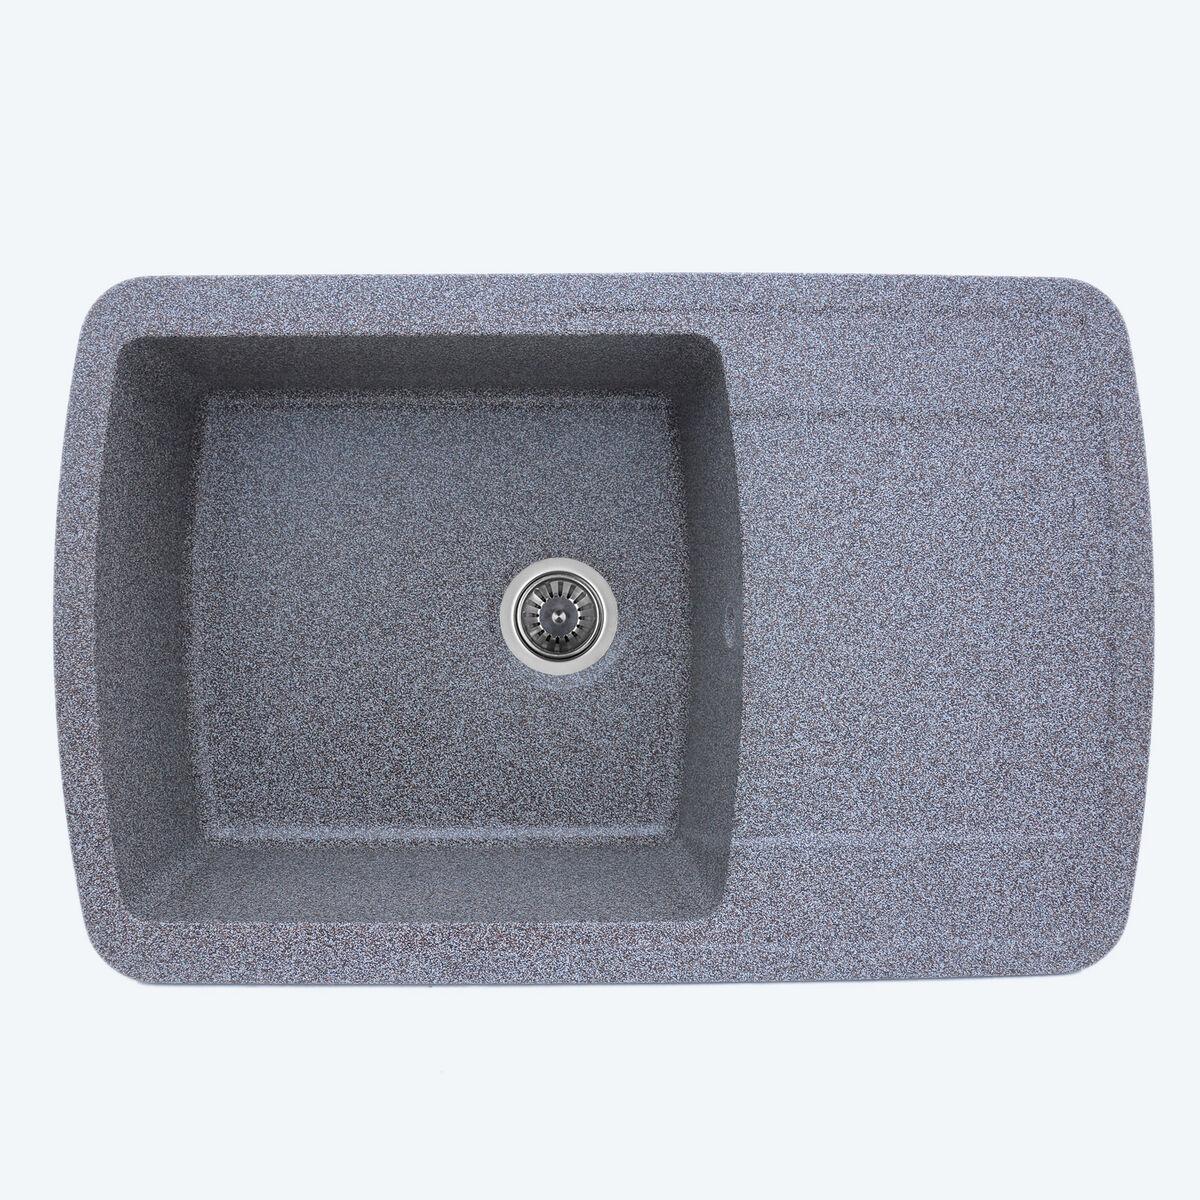 Гранитная мойка для кухни Platinum 7749 ROMA глянец Микс